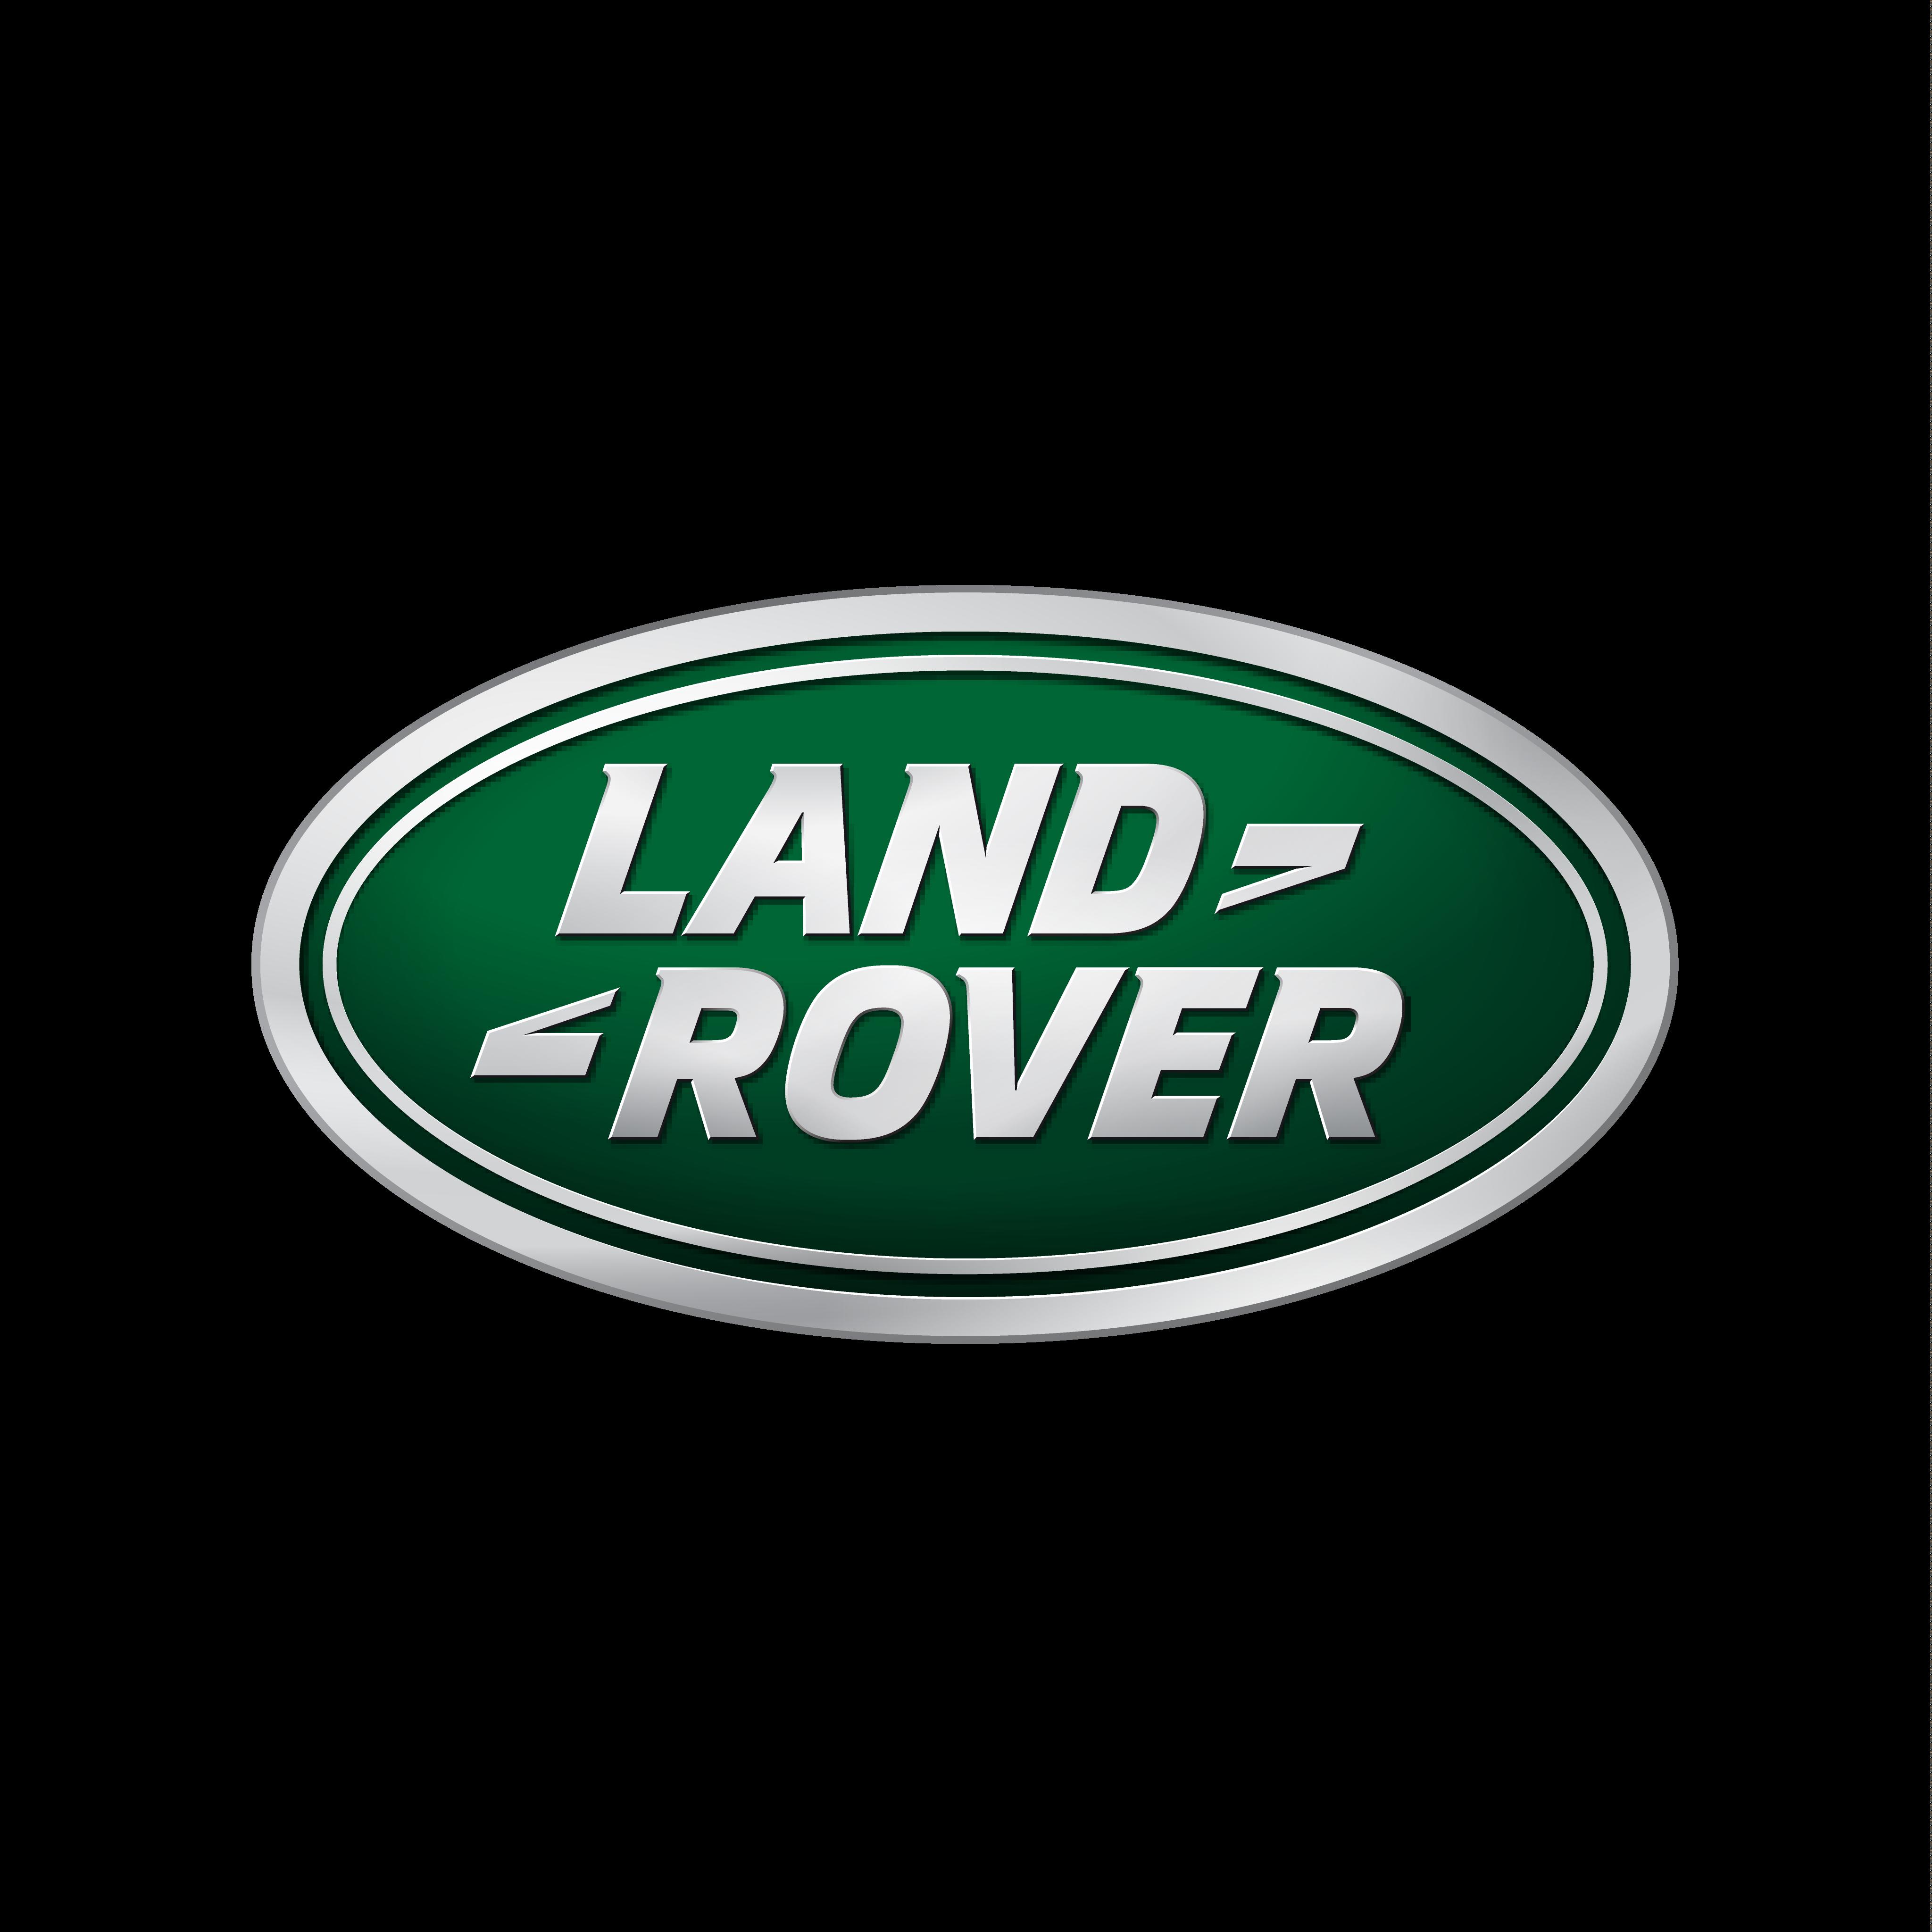 land rover logo 0 - Land Rover Logo